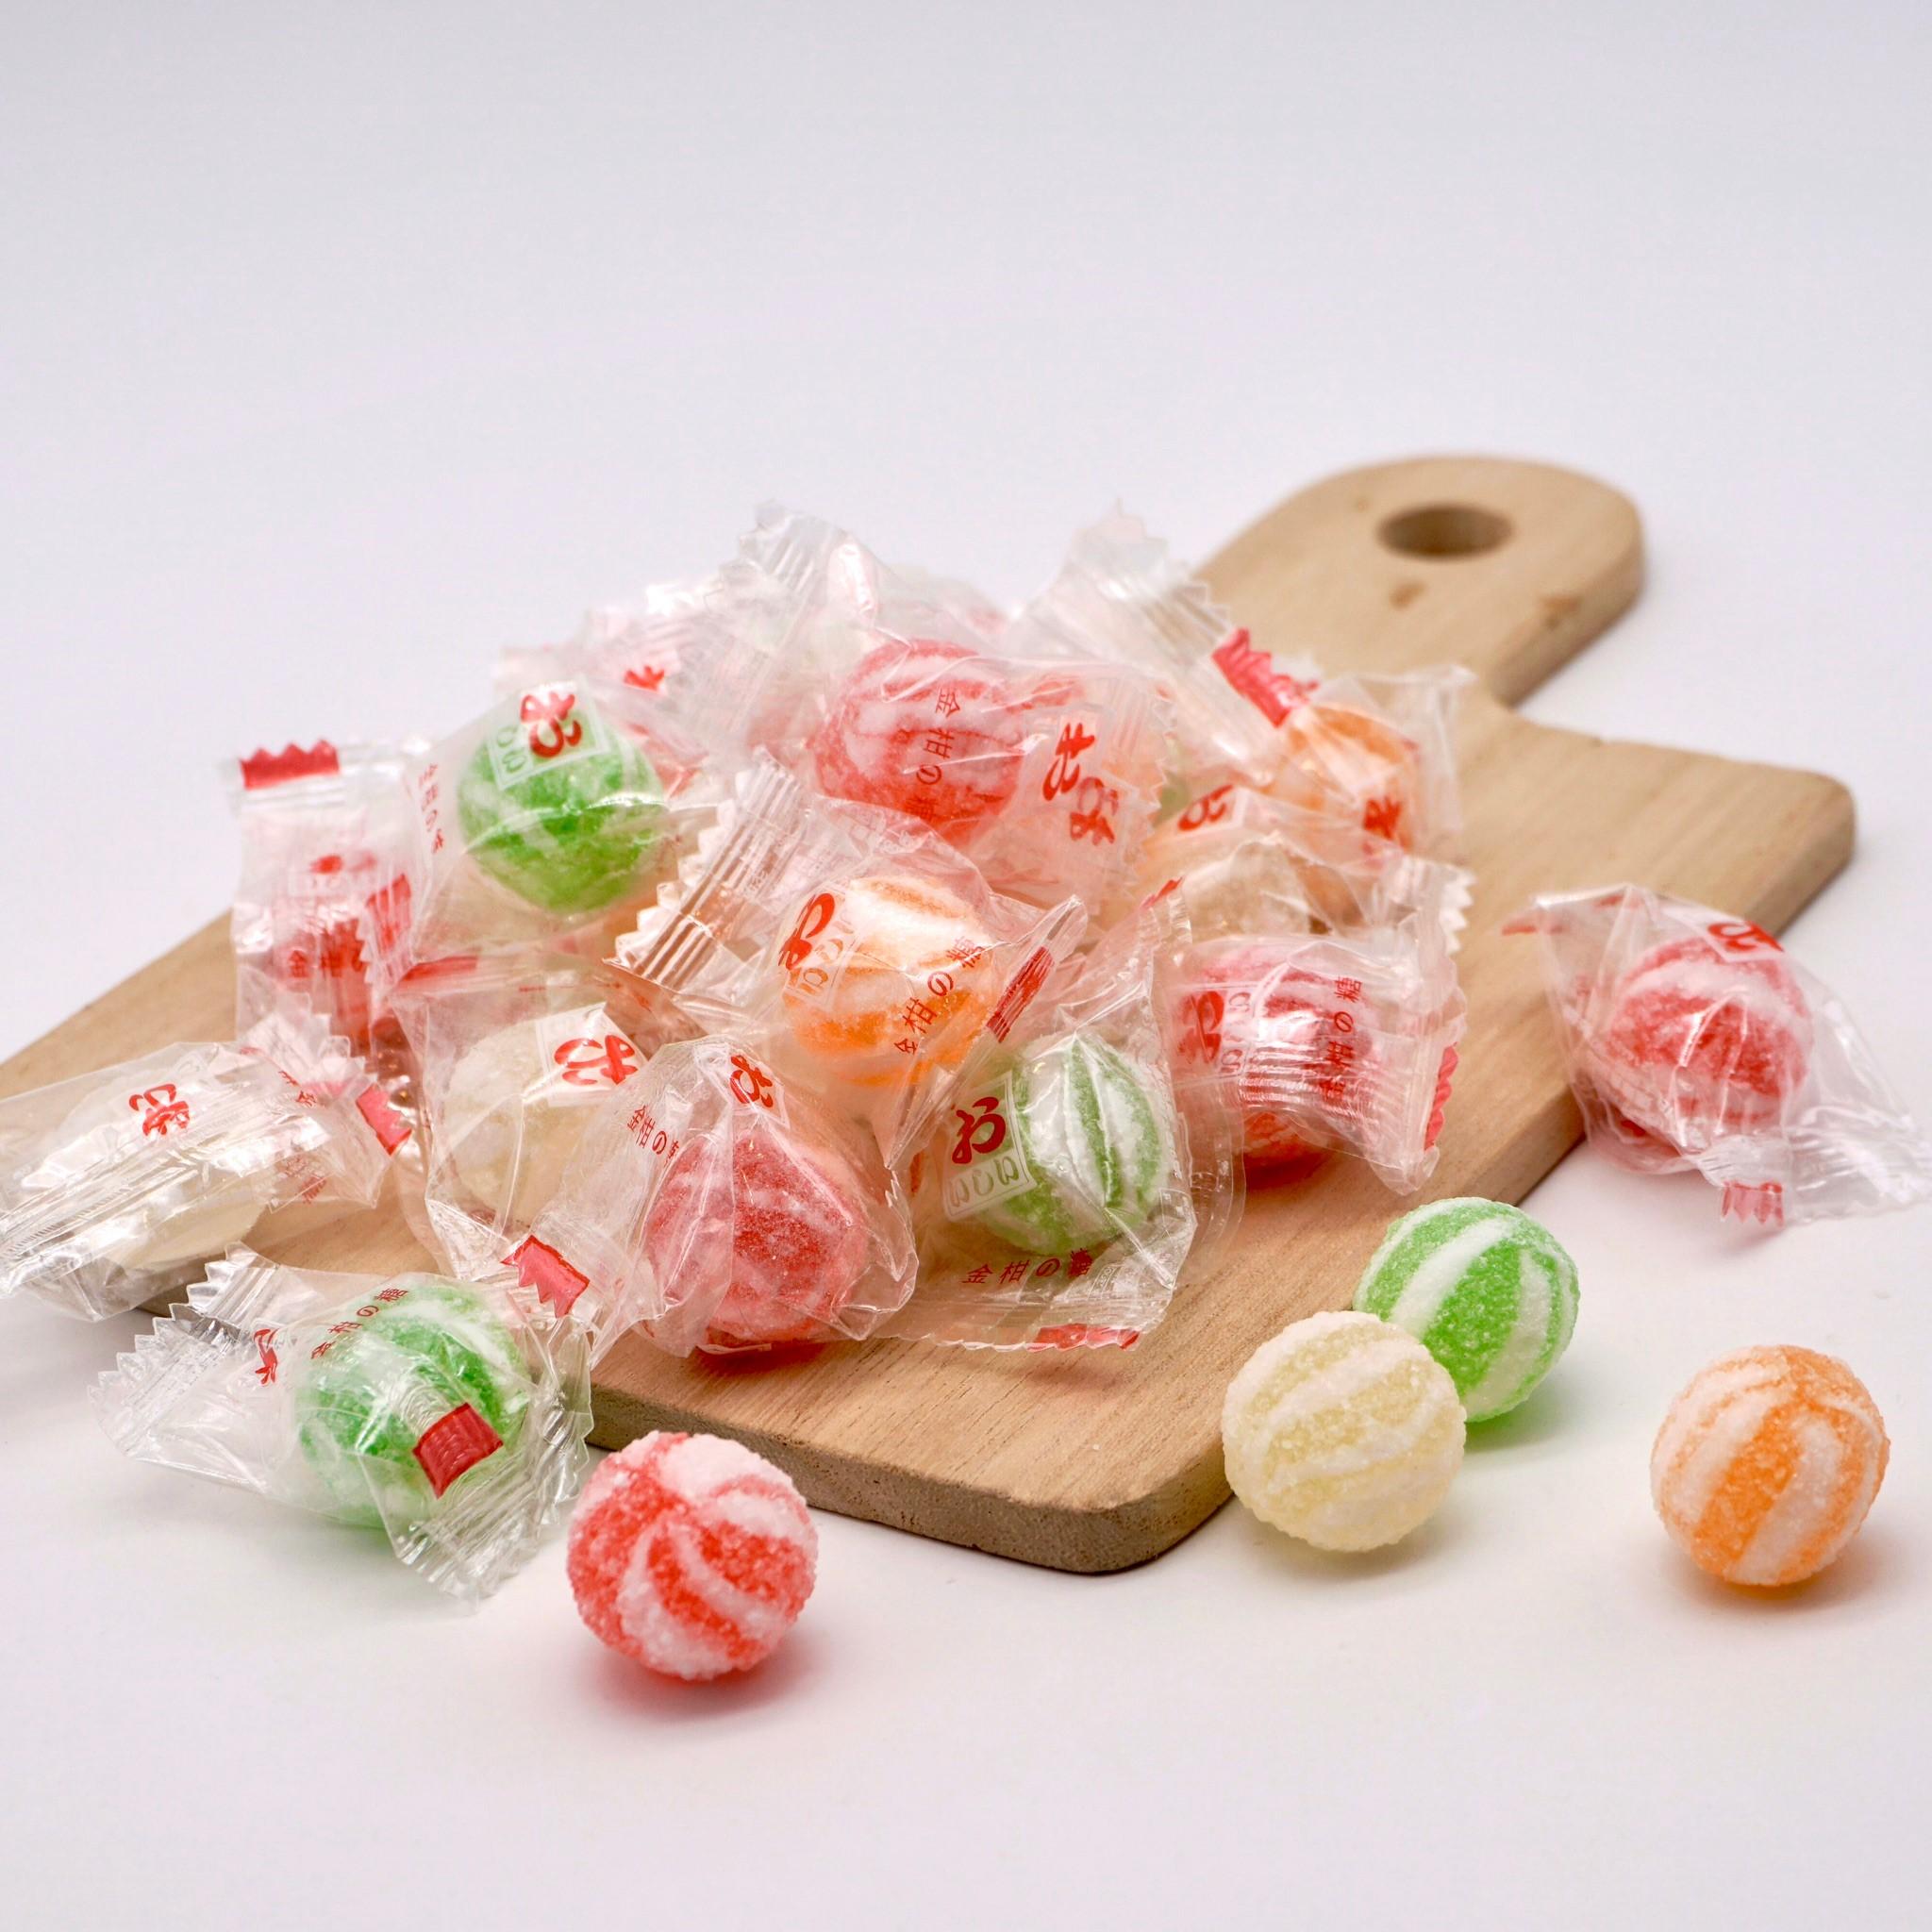 嘴甜甜 金柑糖 200公克 糖果系列 小貝京 柑仔糖 橘子糖 糖果 喜糖 素食 現貨